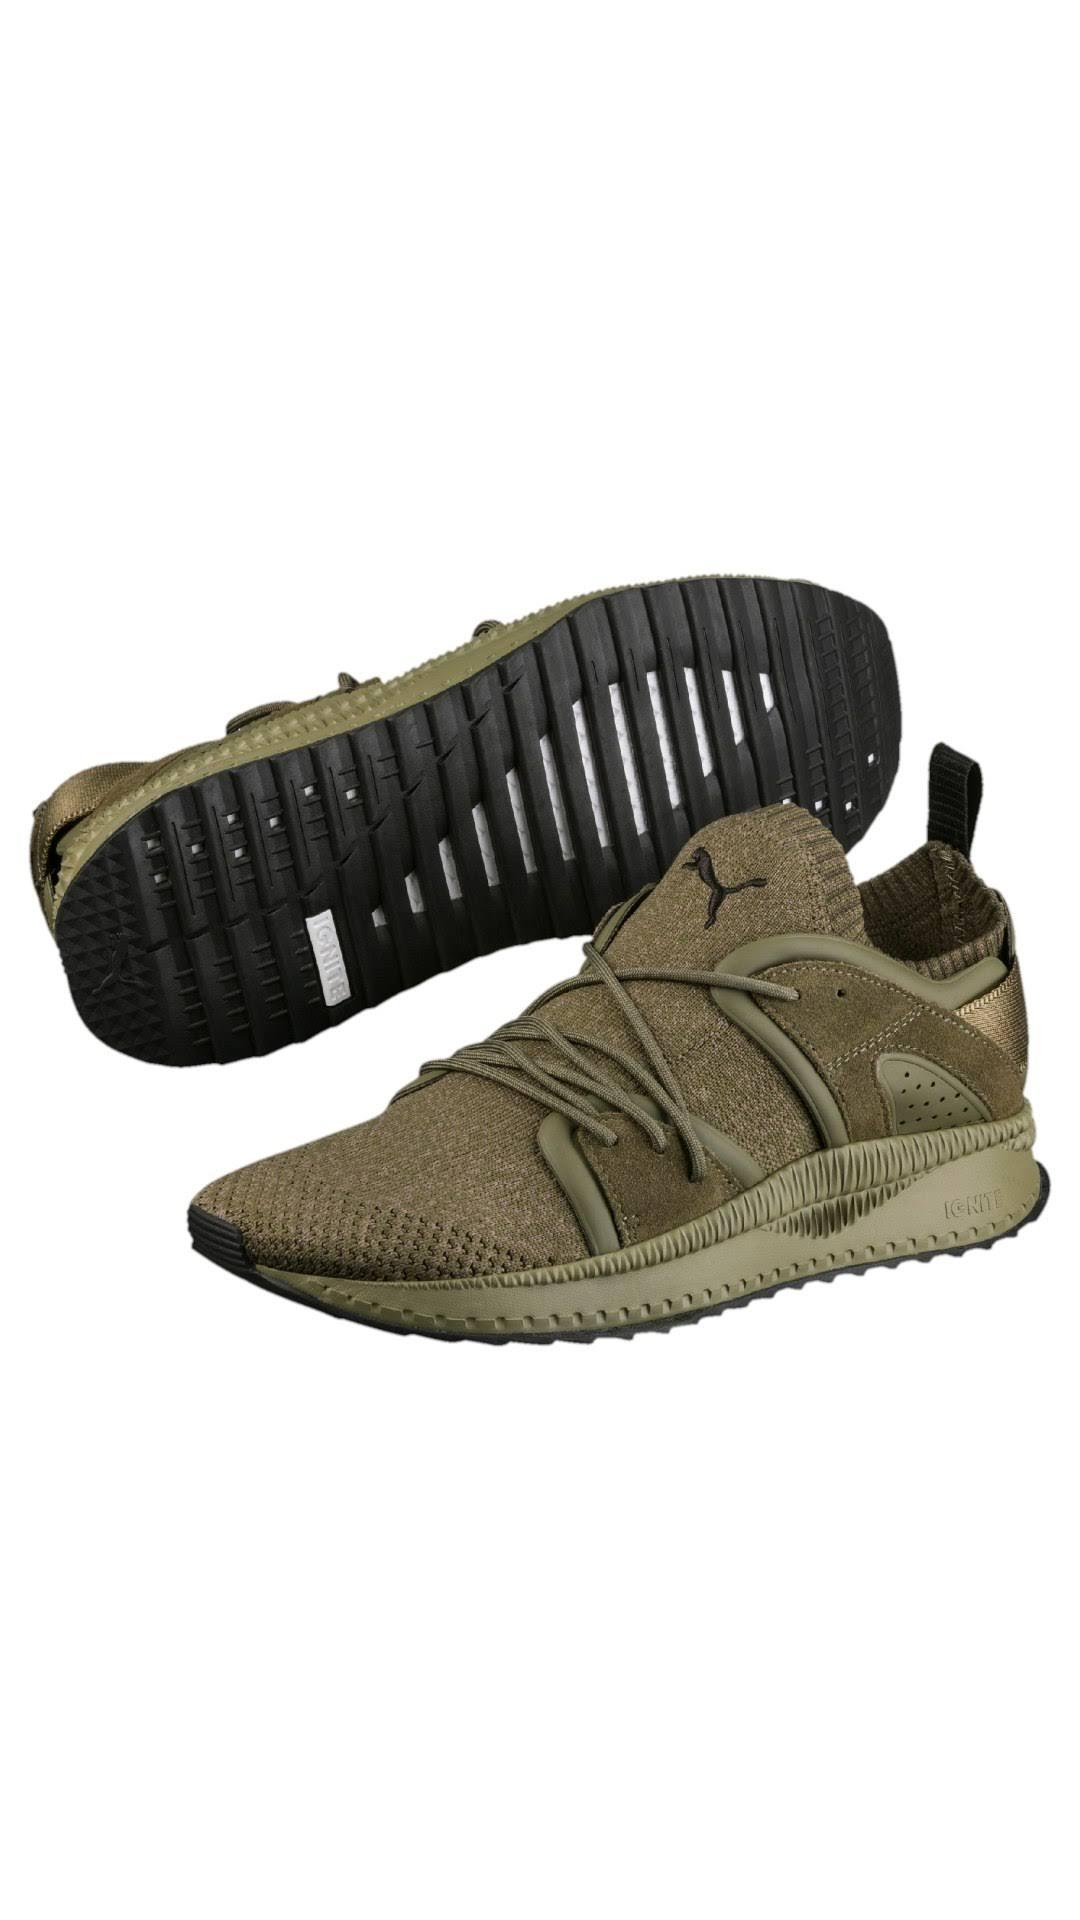 46 36440803 India Puma Evoknit Blaze Tsugi Eu Uk Sneakers Unisex Green 11 UqzwPfq